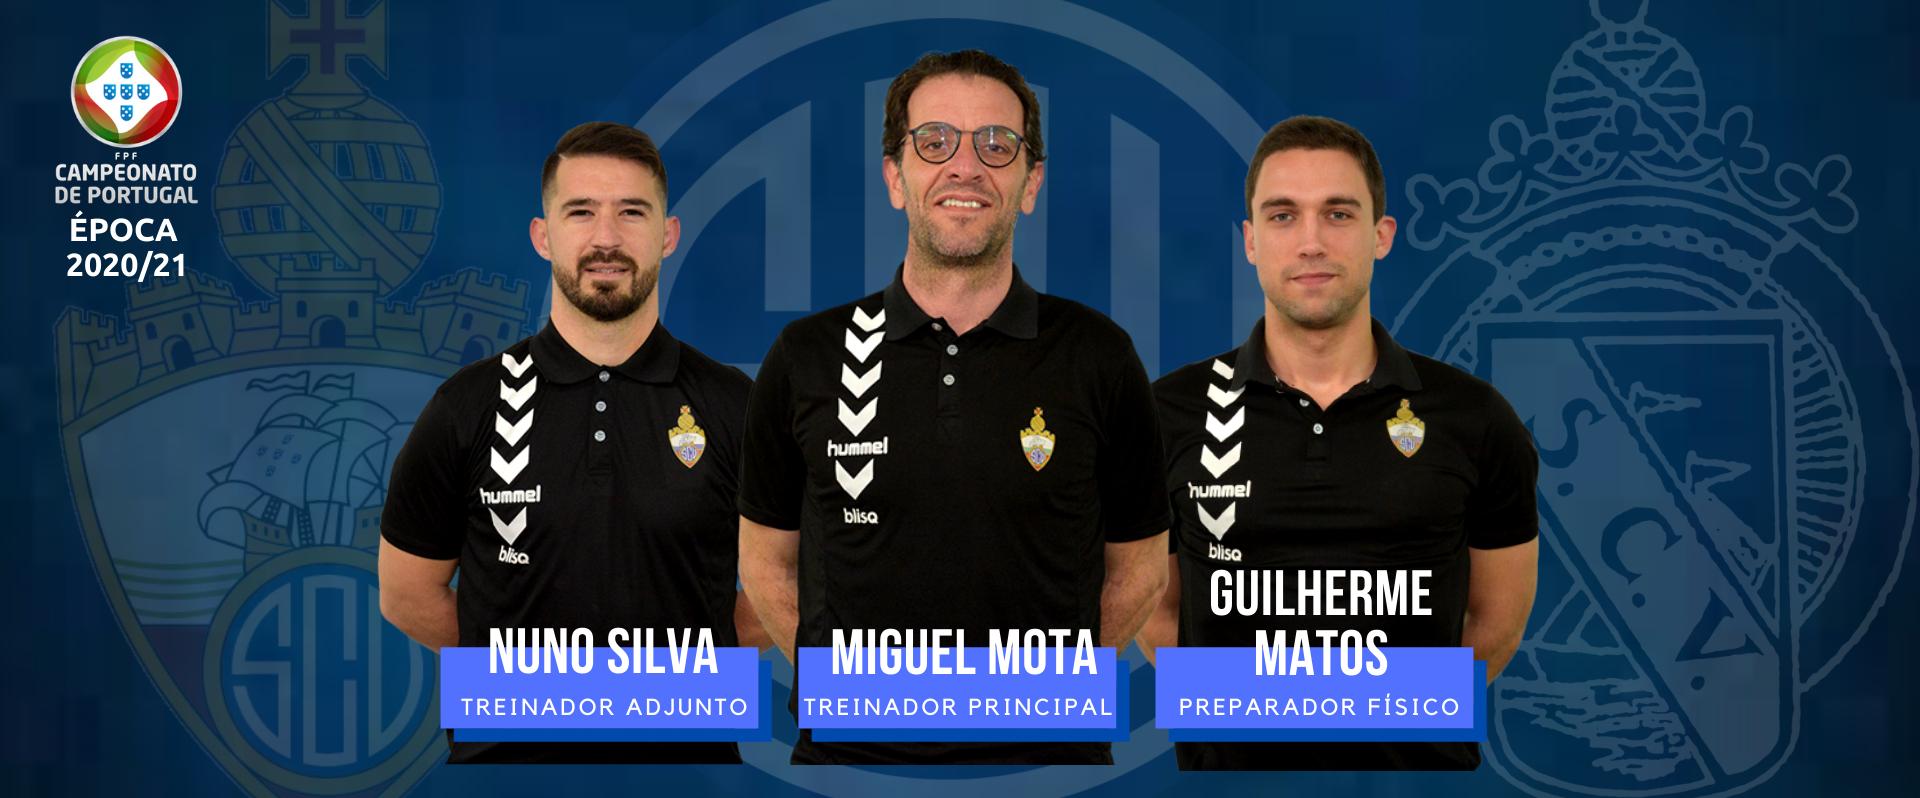 Equipa técnica renova com o SC Vianense!